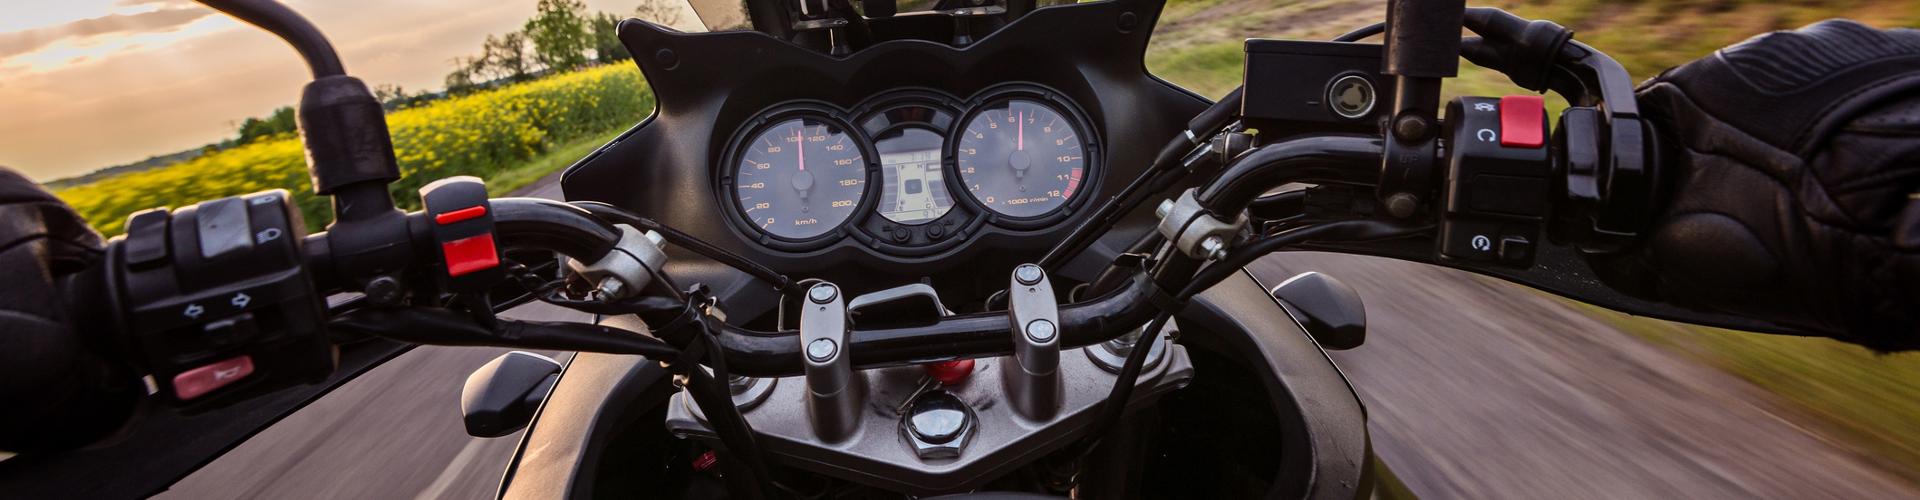 Conheça 5 vantagens de participar de um consórcio de motos